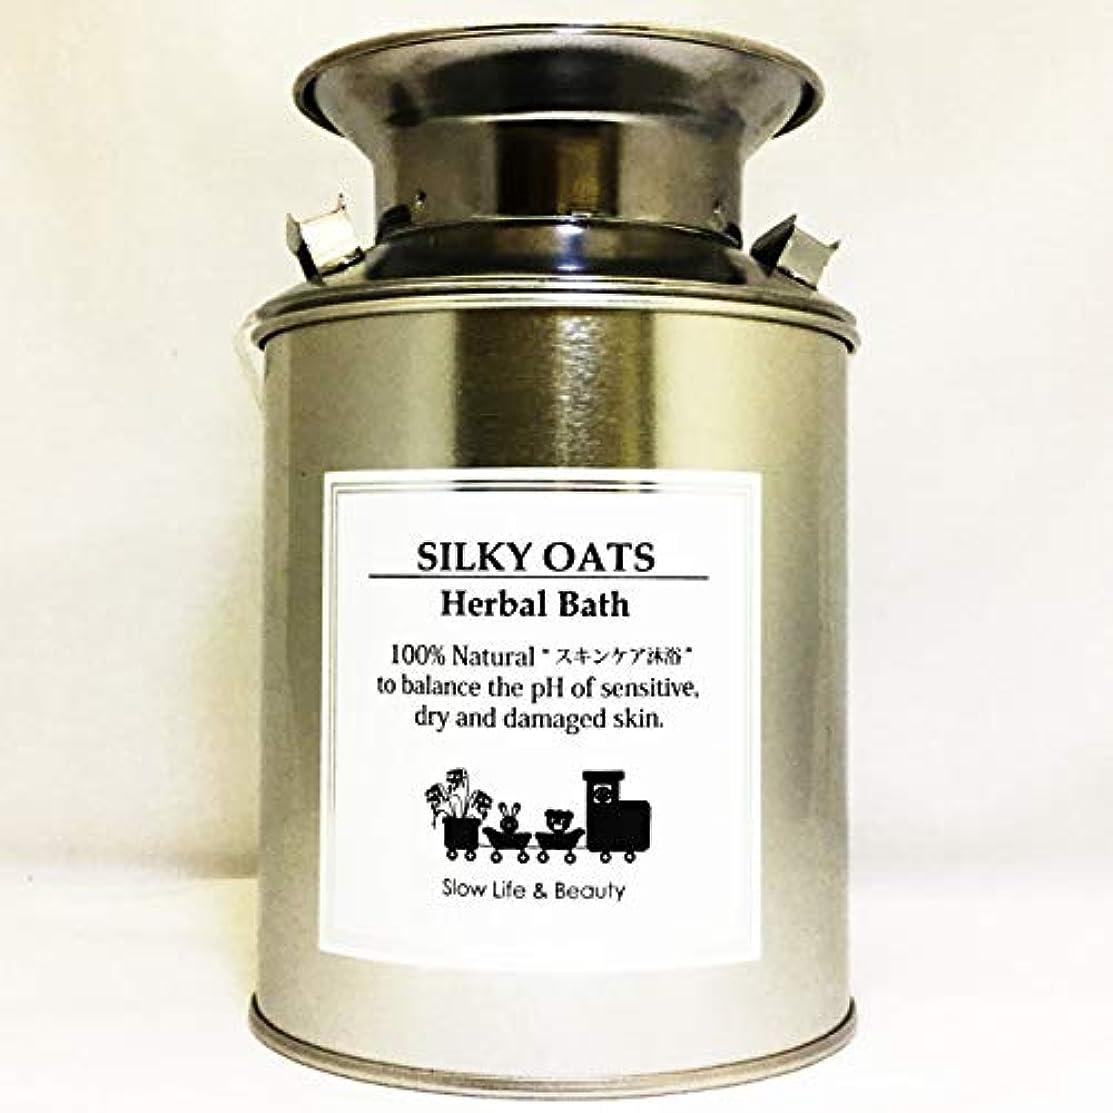 法医学取得するブランチシーラン SEARUN SILKY OATS Herbal Bath(ハーバルバス)10g×20袋